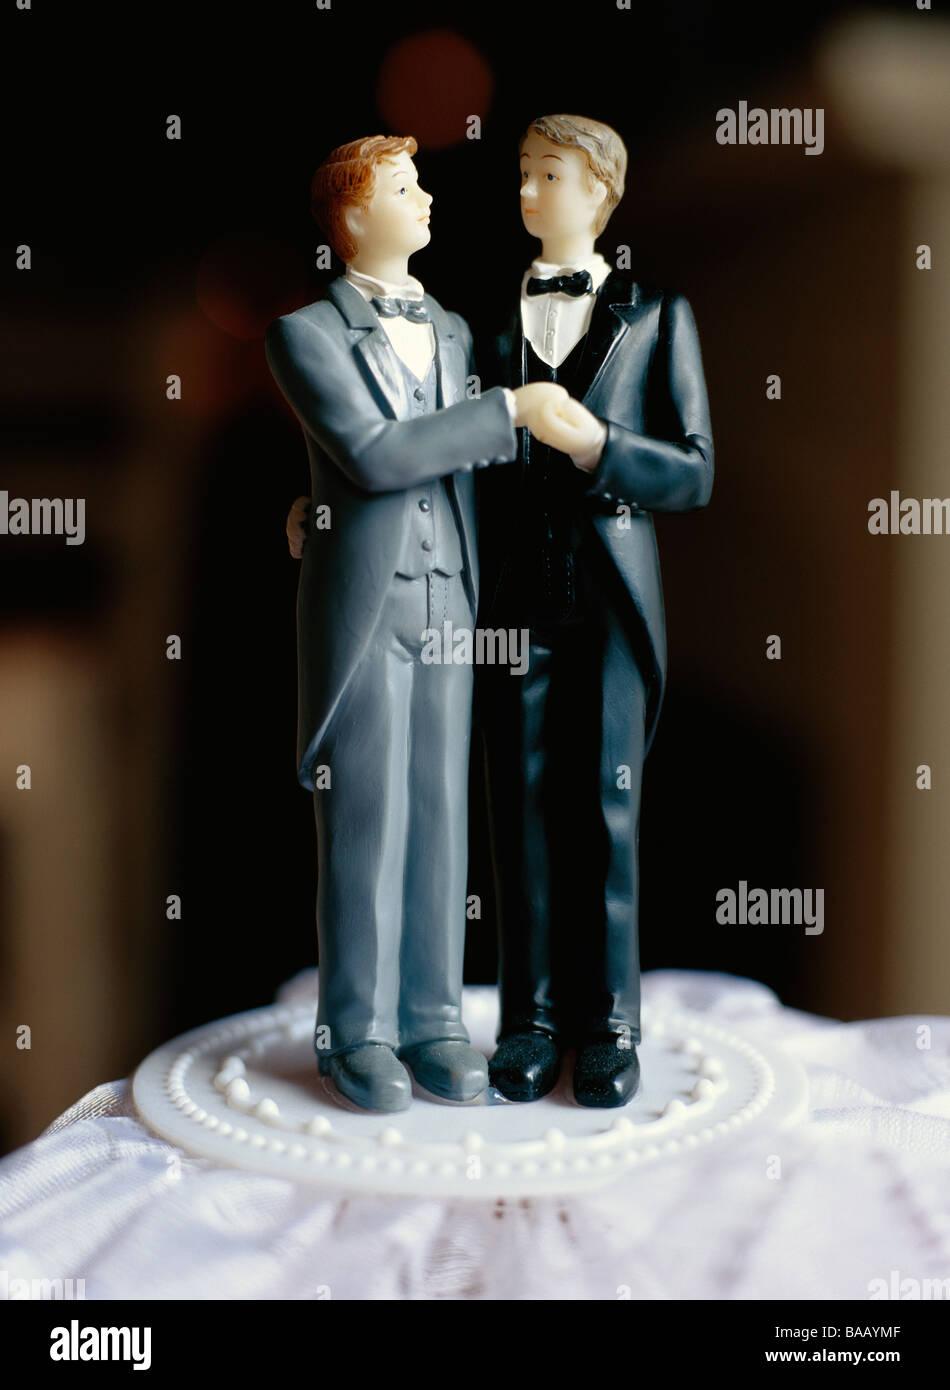 Una pareja nupcial gay en un pastel, Suecia. Foto de stock